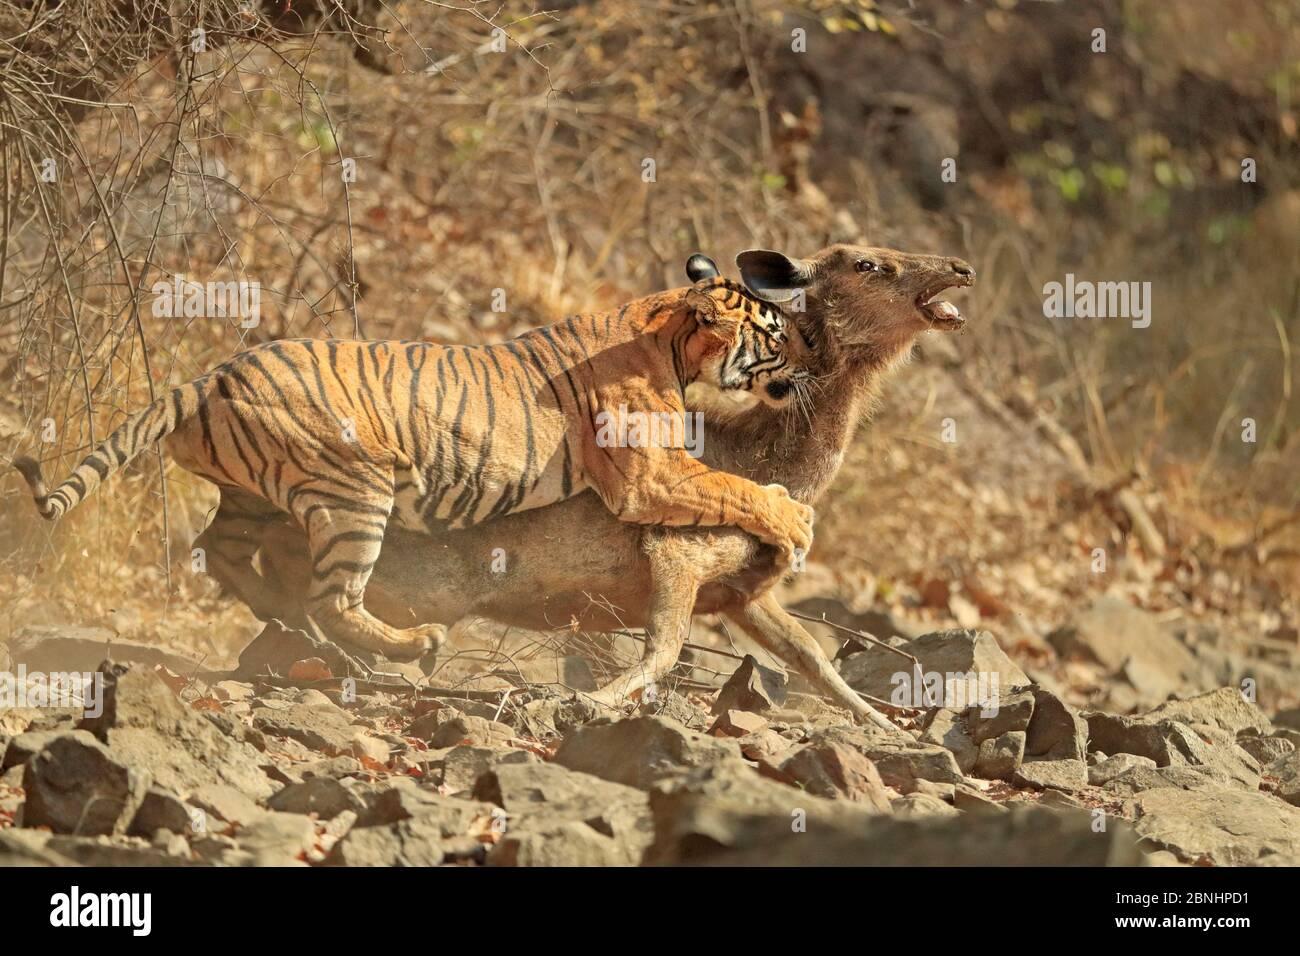 Tigre du Bengale (Panthera tigris tigris) femelle 'Noor T19' qui fait tomber le cerf de Sambar (Rusa unicolor) Ranthambhore, Inde. Séquence 8 de 18. Banque D'Images